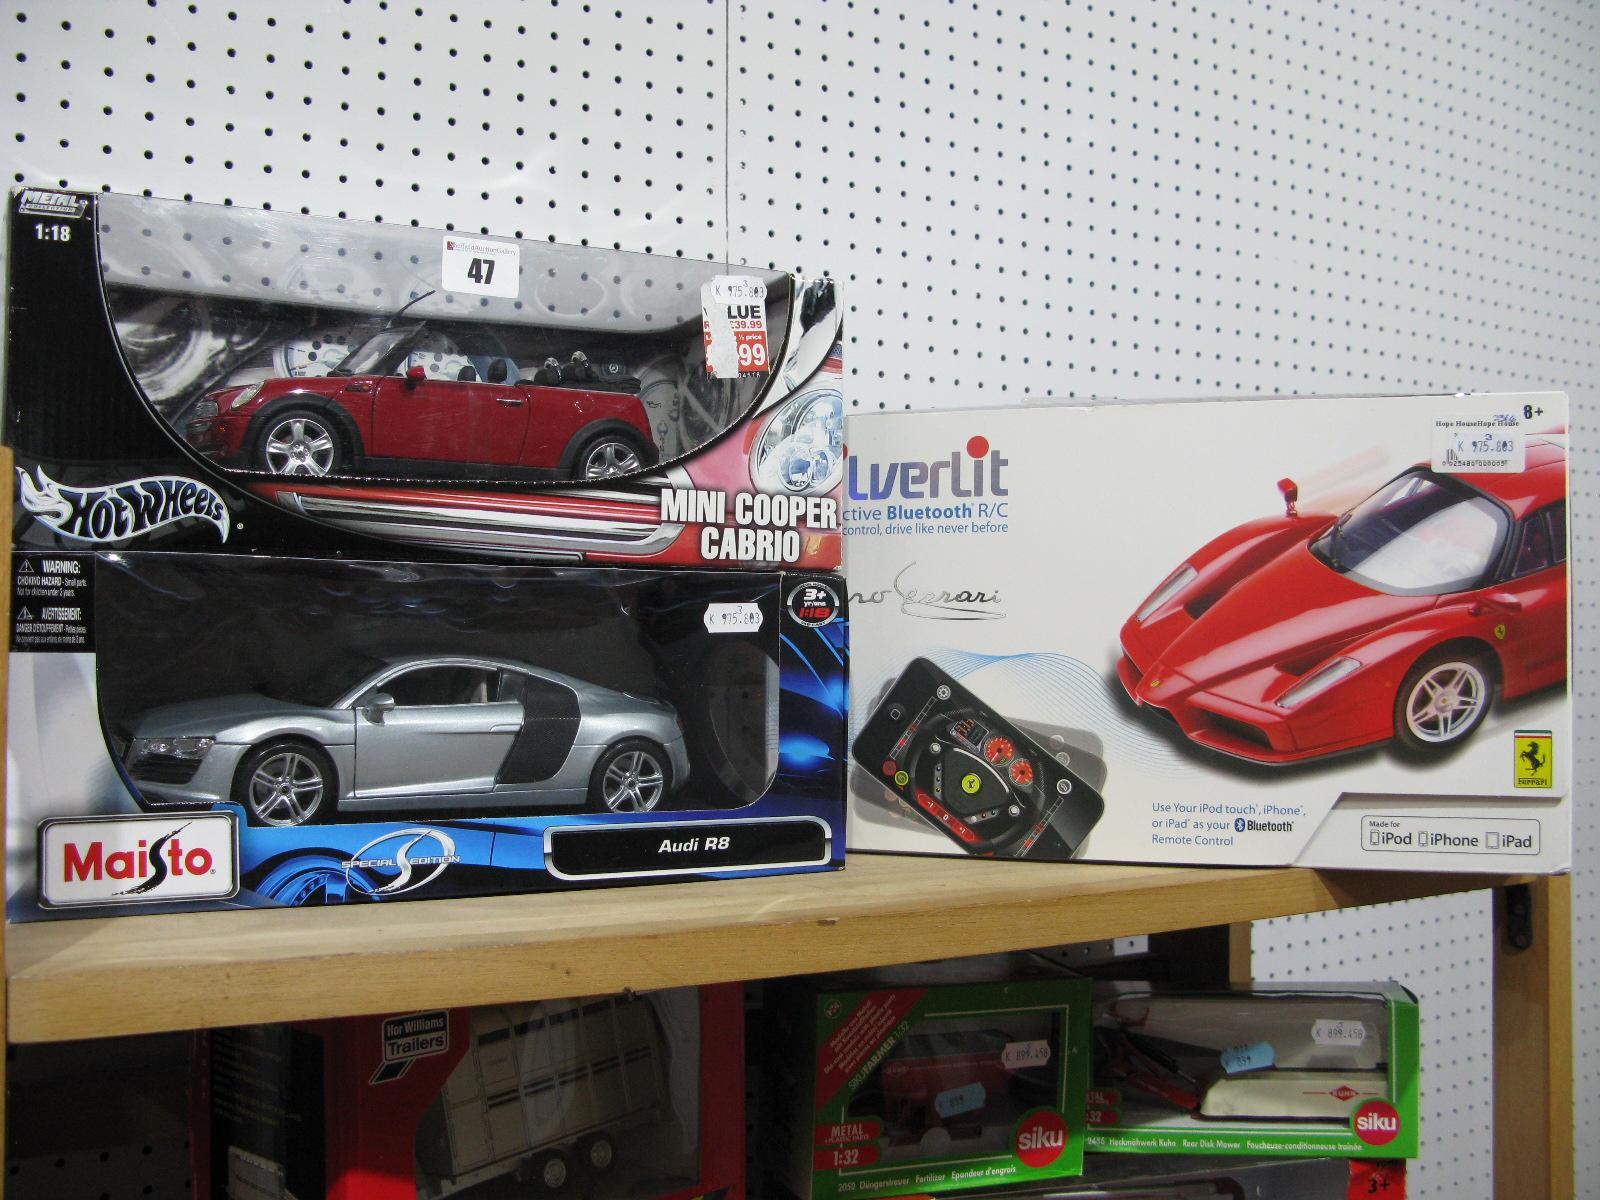 Lot 47 - Two Boxed 1:18th Scale Diecast Model Cars - Hotwheels #B6048 Mini Cooper Cabrio, Maisto #46629